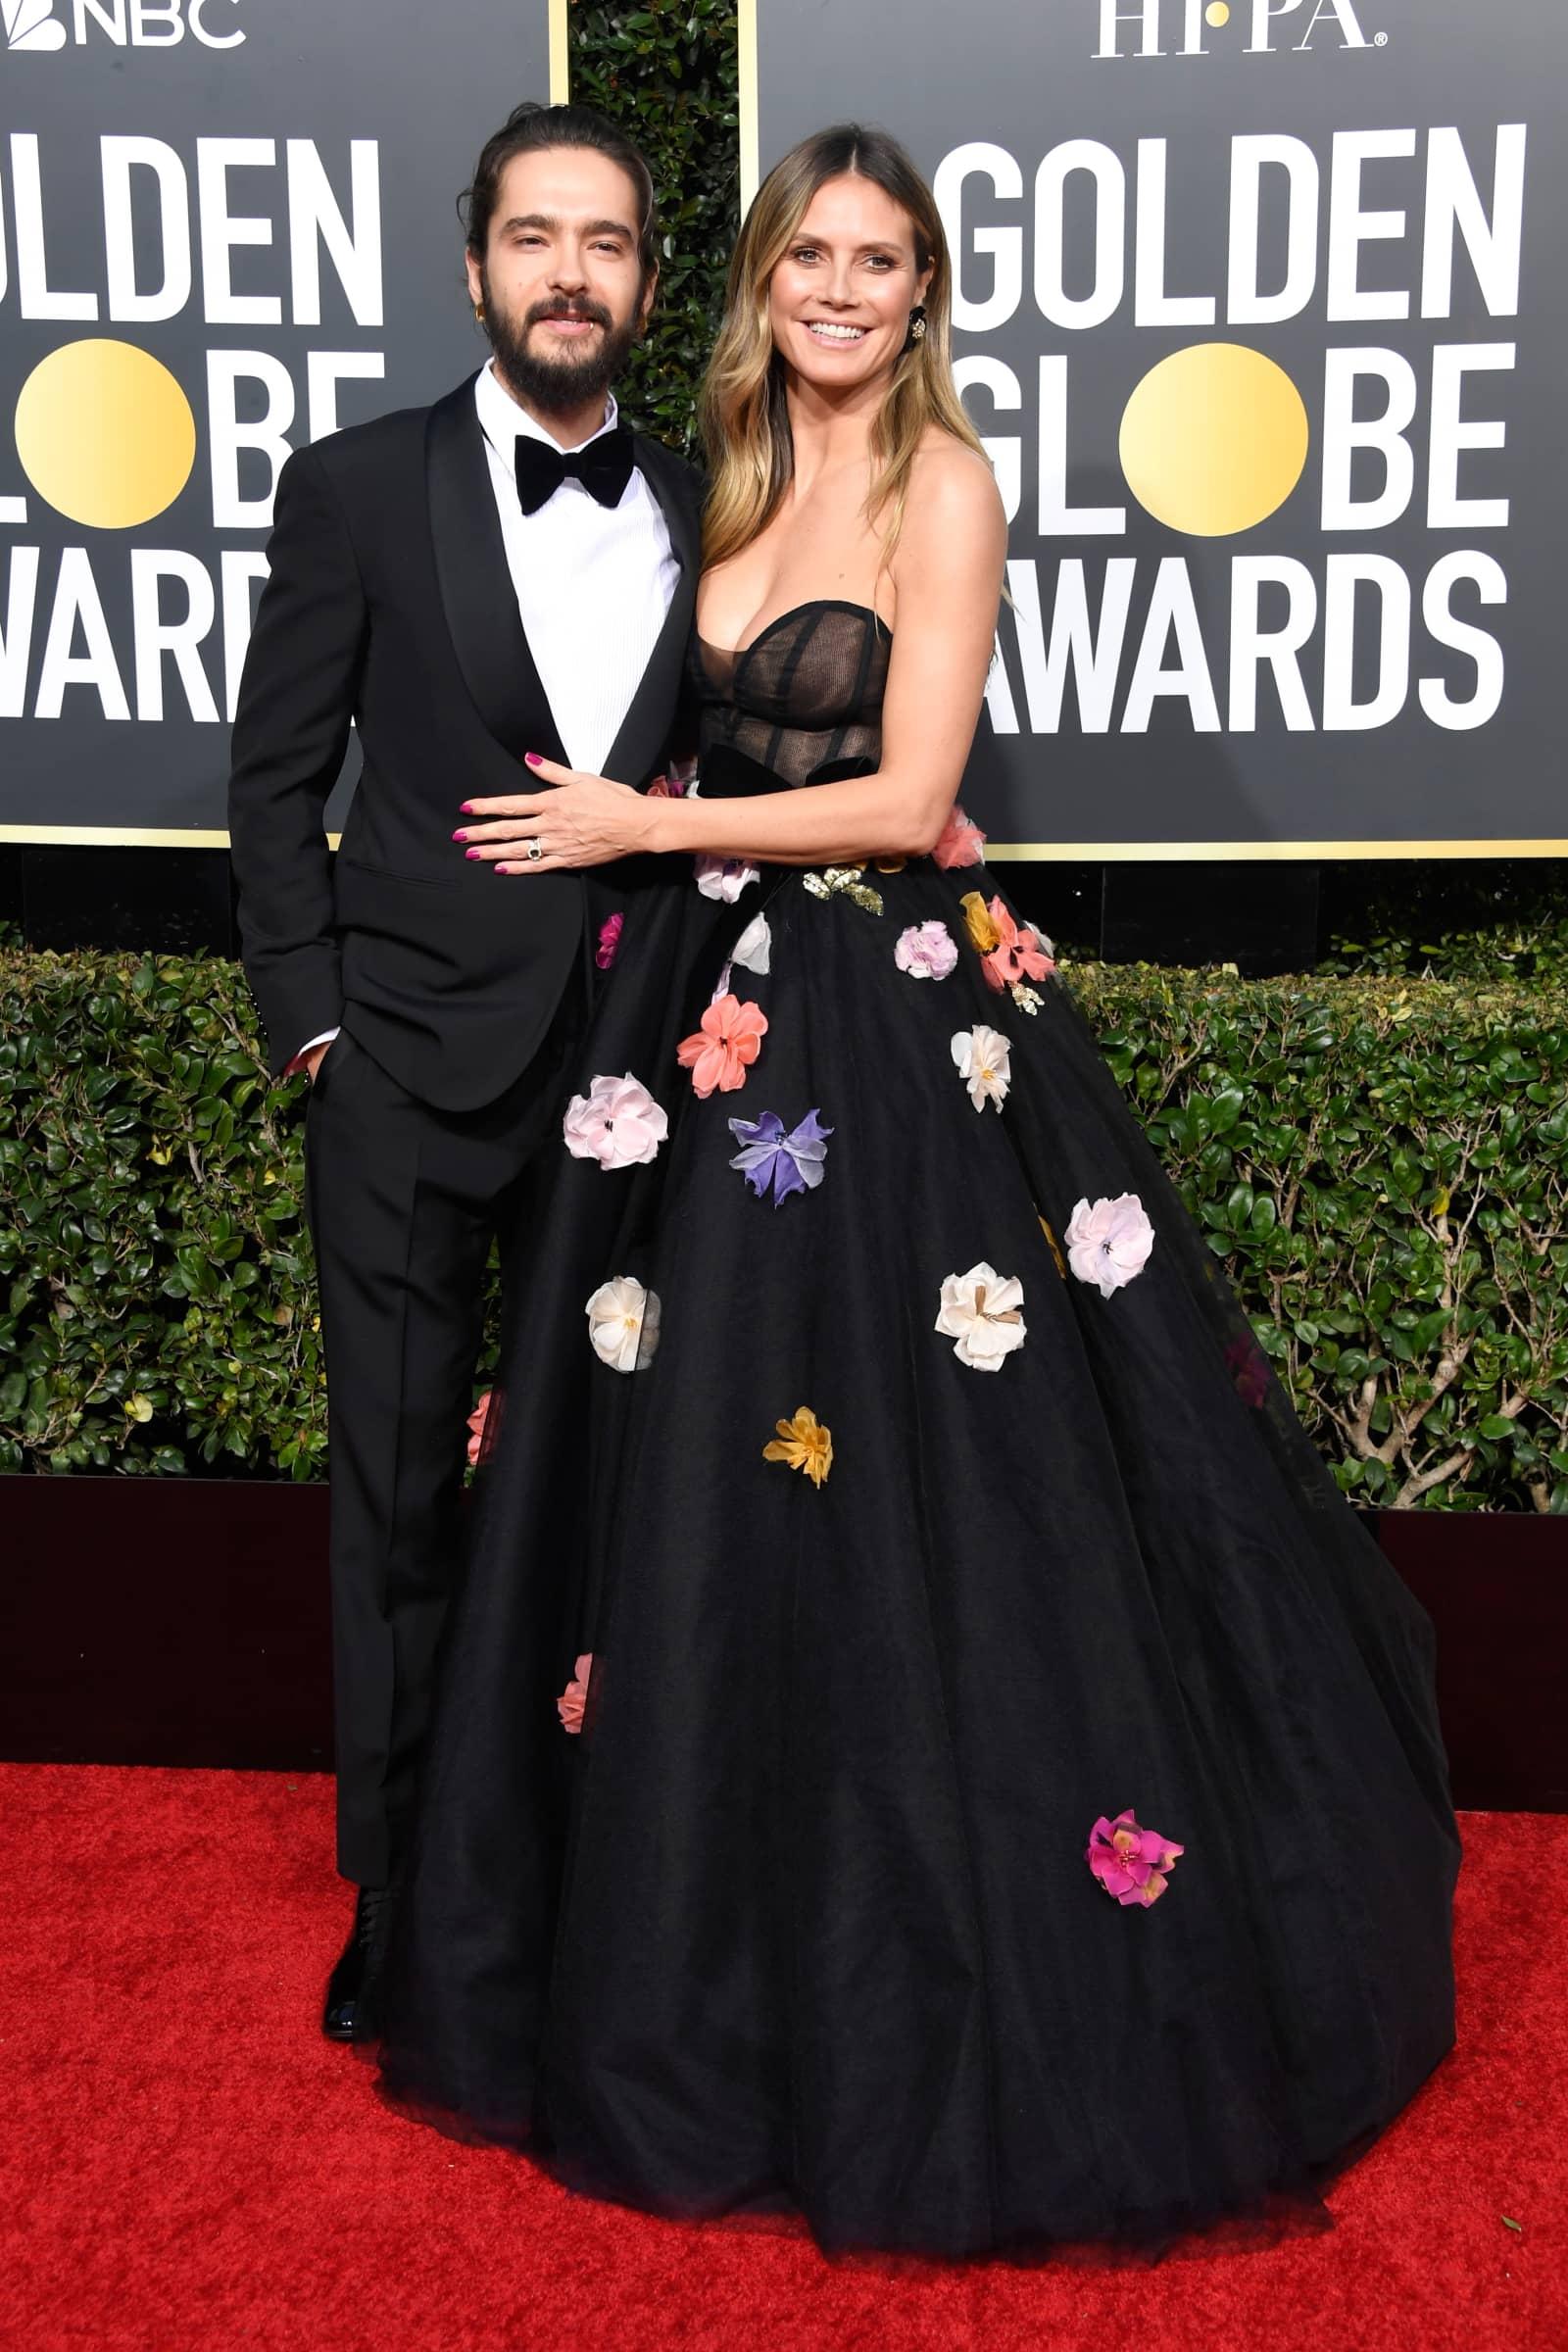 Hier sollen Heidi Klum und ihr Tom heiraten